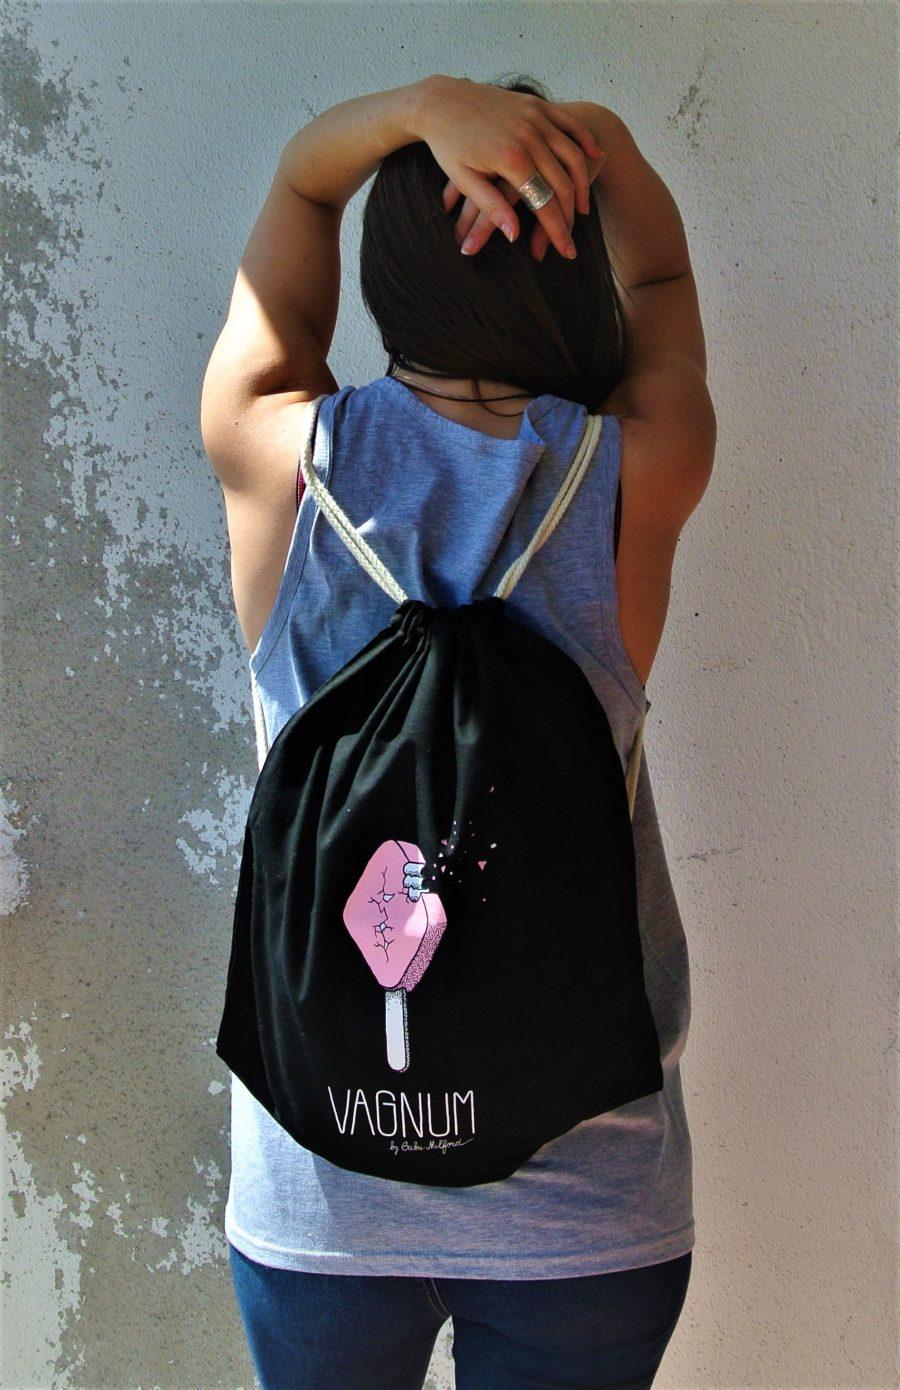 backpack pink vagnum by gabu milford